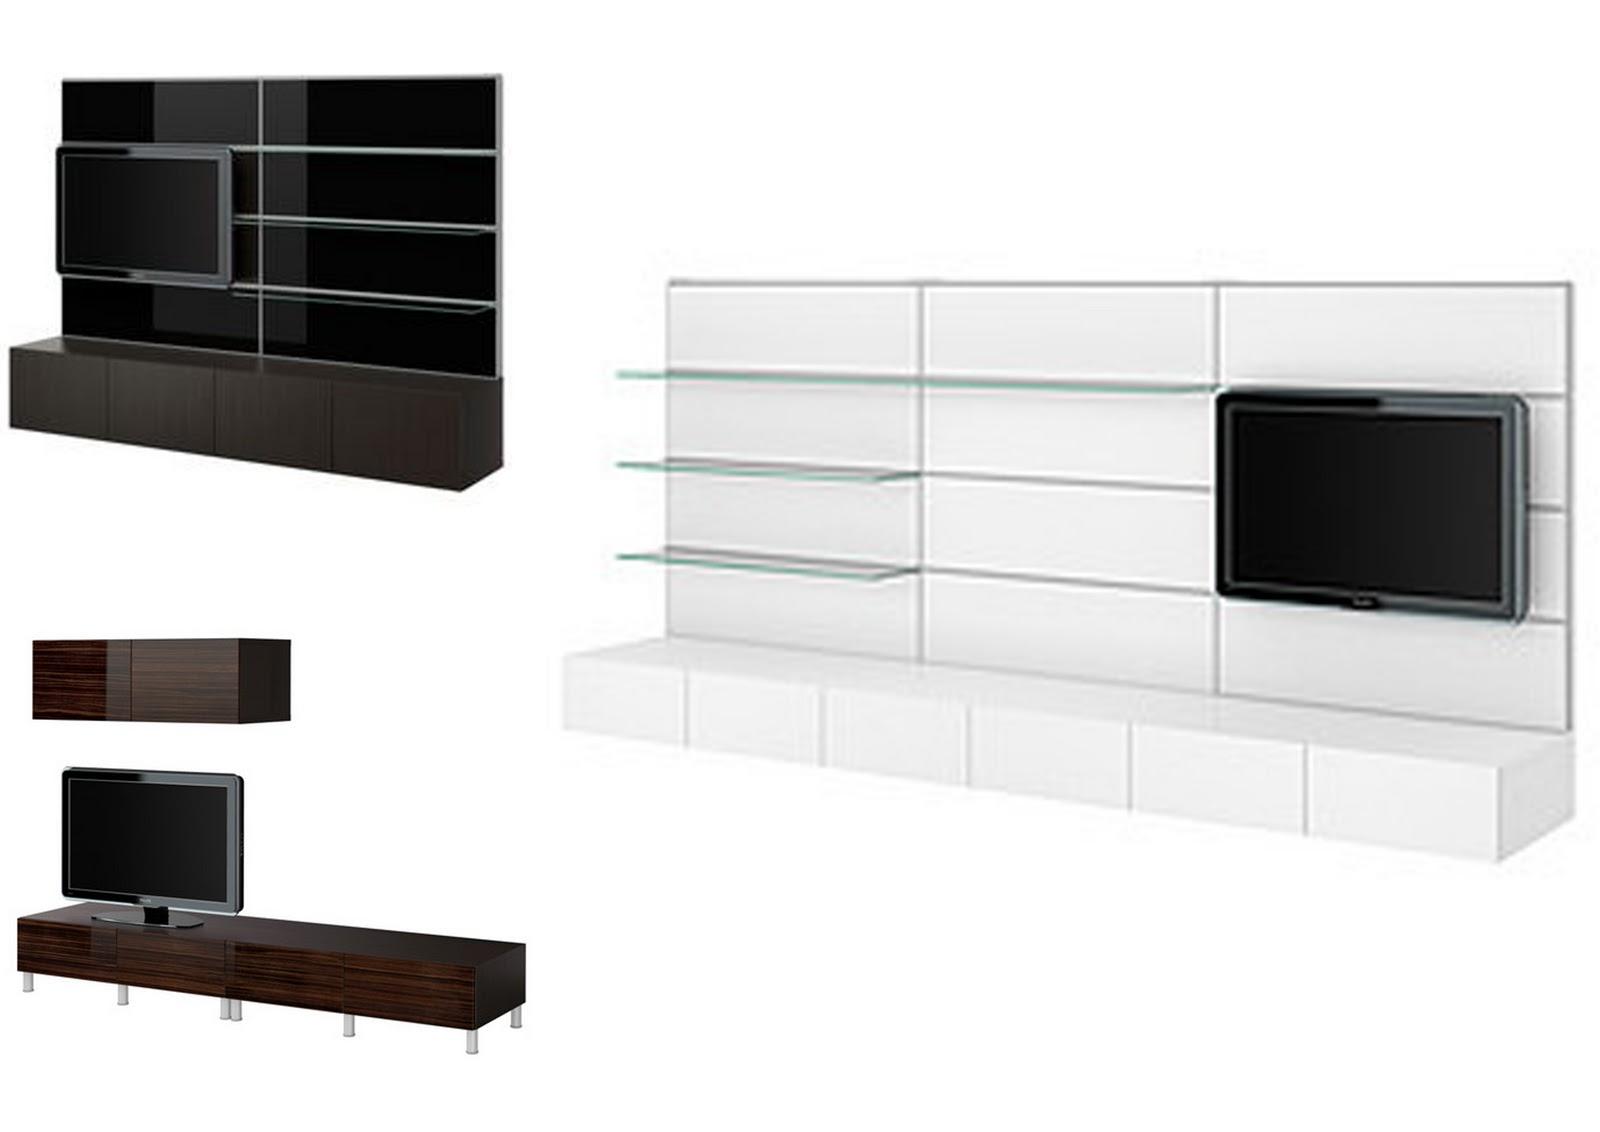 Pensili Per Soggiorno Ikea : Pensili Per Soggiorno Ikea: Mobili Per  #56756B 1600 1132 Ripiani Per Pensili Cucina Ikea